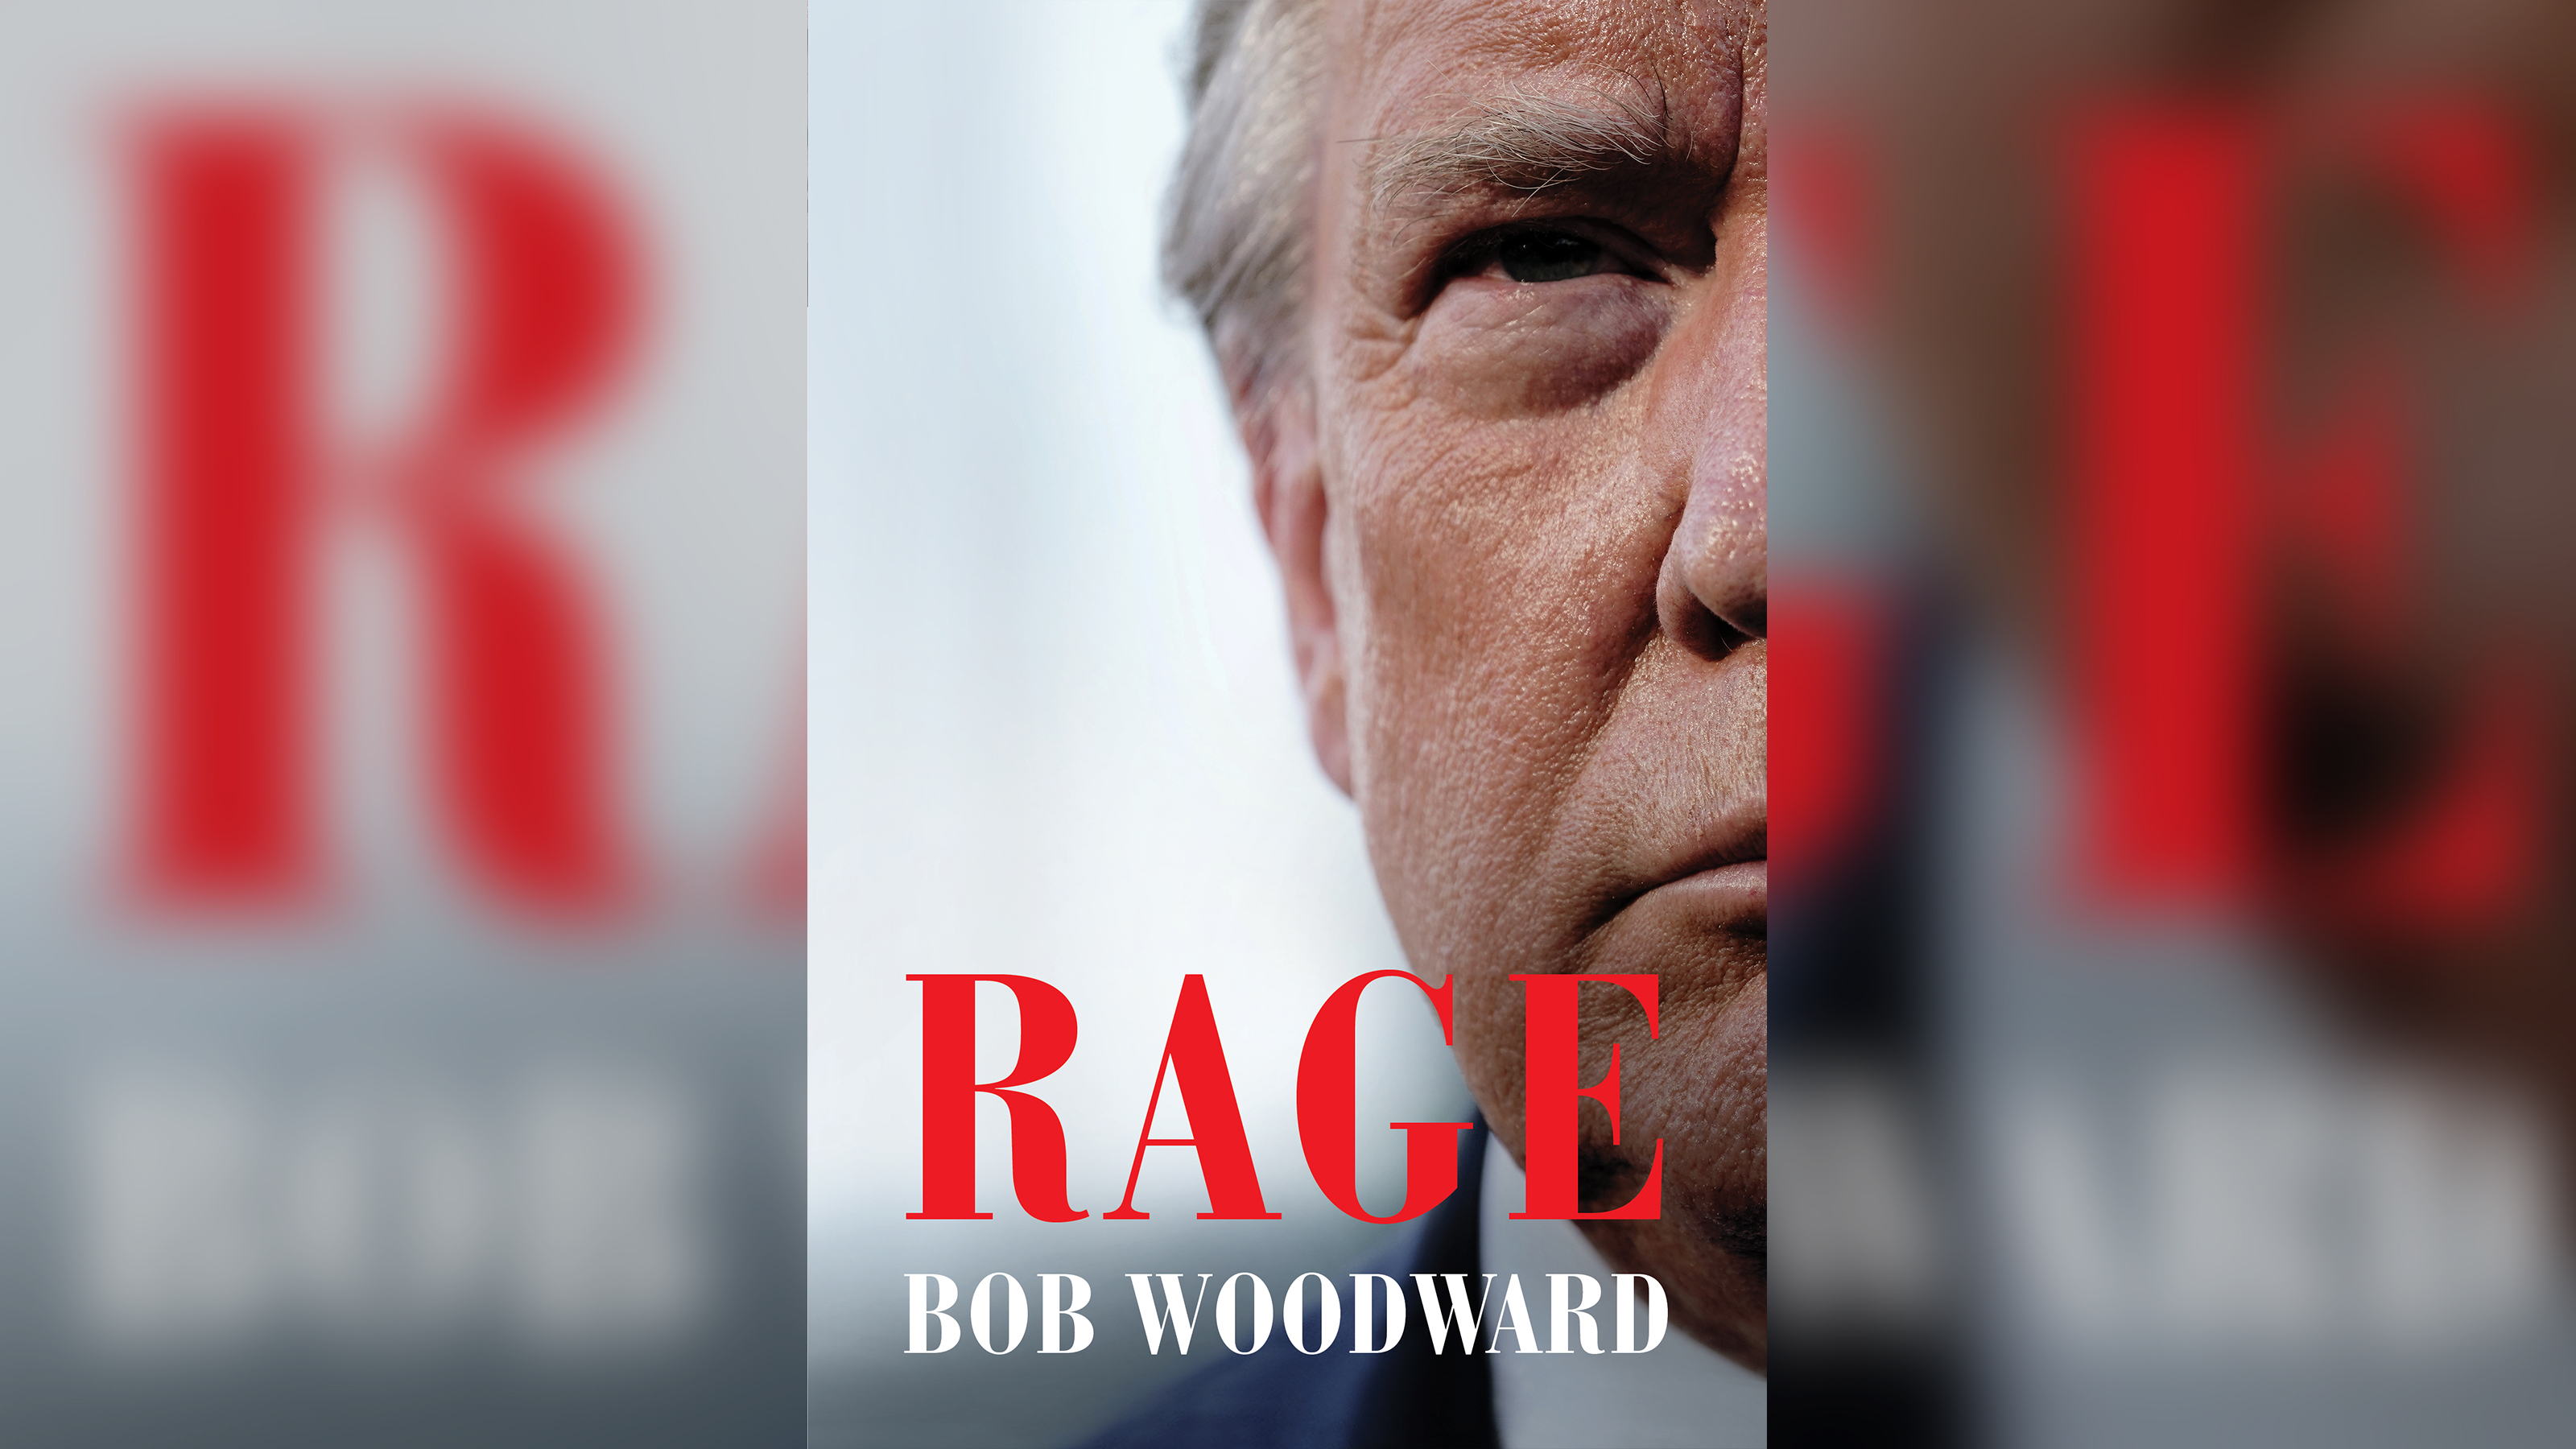 Capa do livro 'Rage', do jornalista Bob Woodward